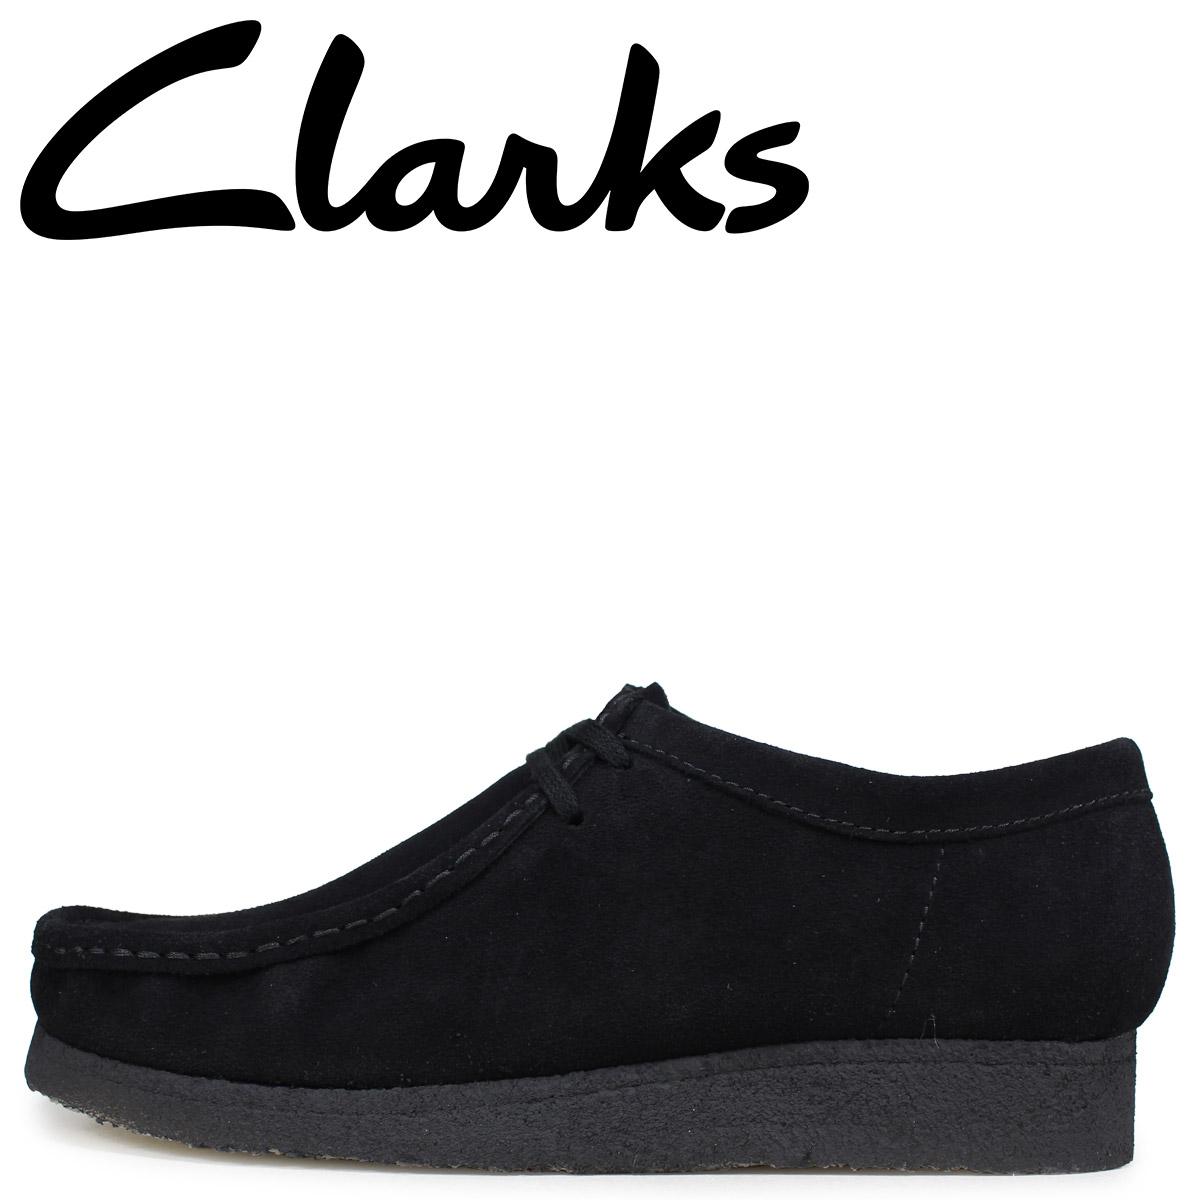 Clarks クラークス ワラビー ブーツ メンズ レディース WALLABEE スエード ブラック 26133279